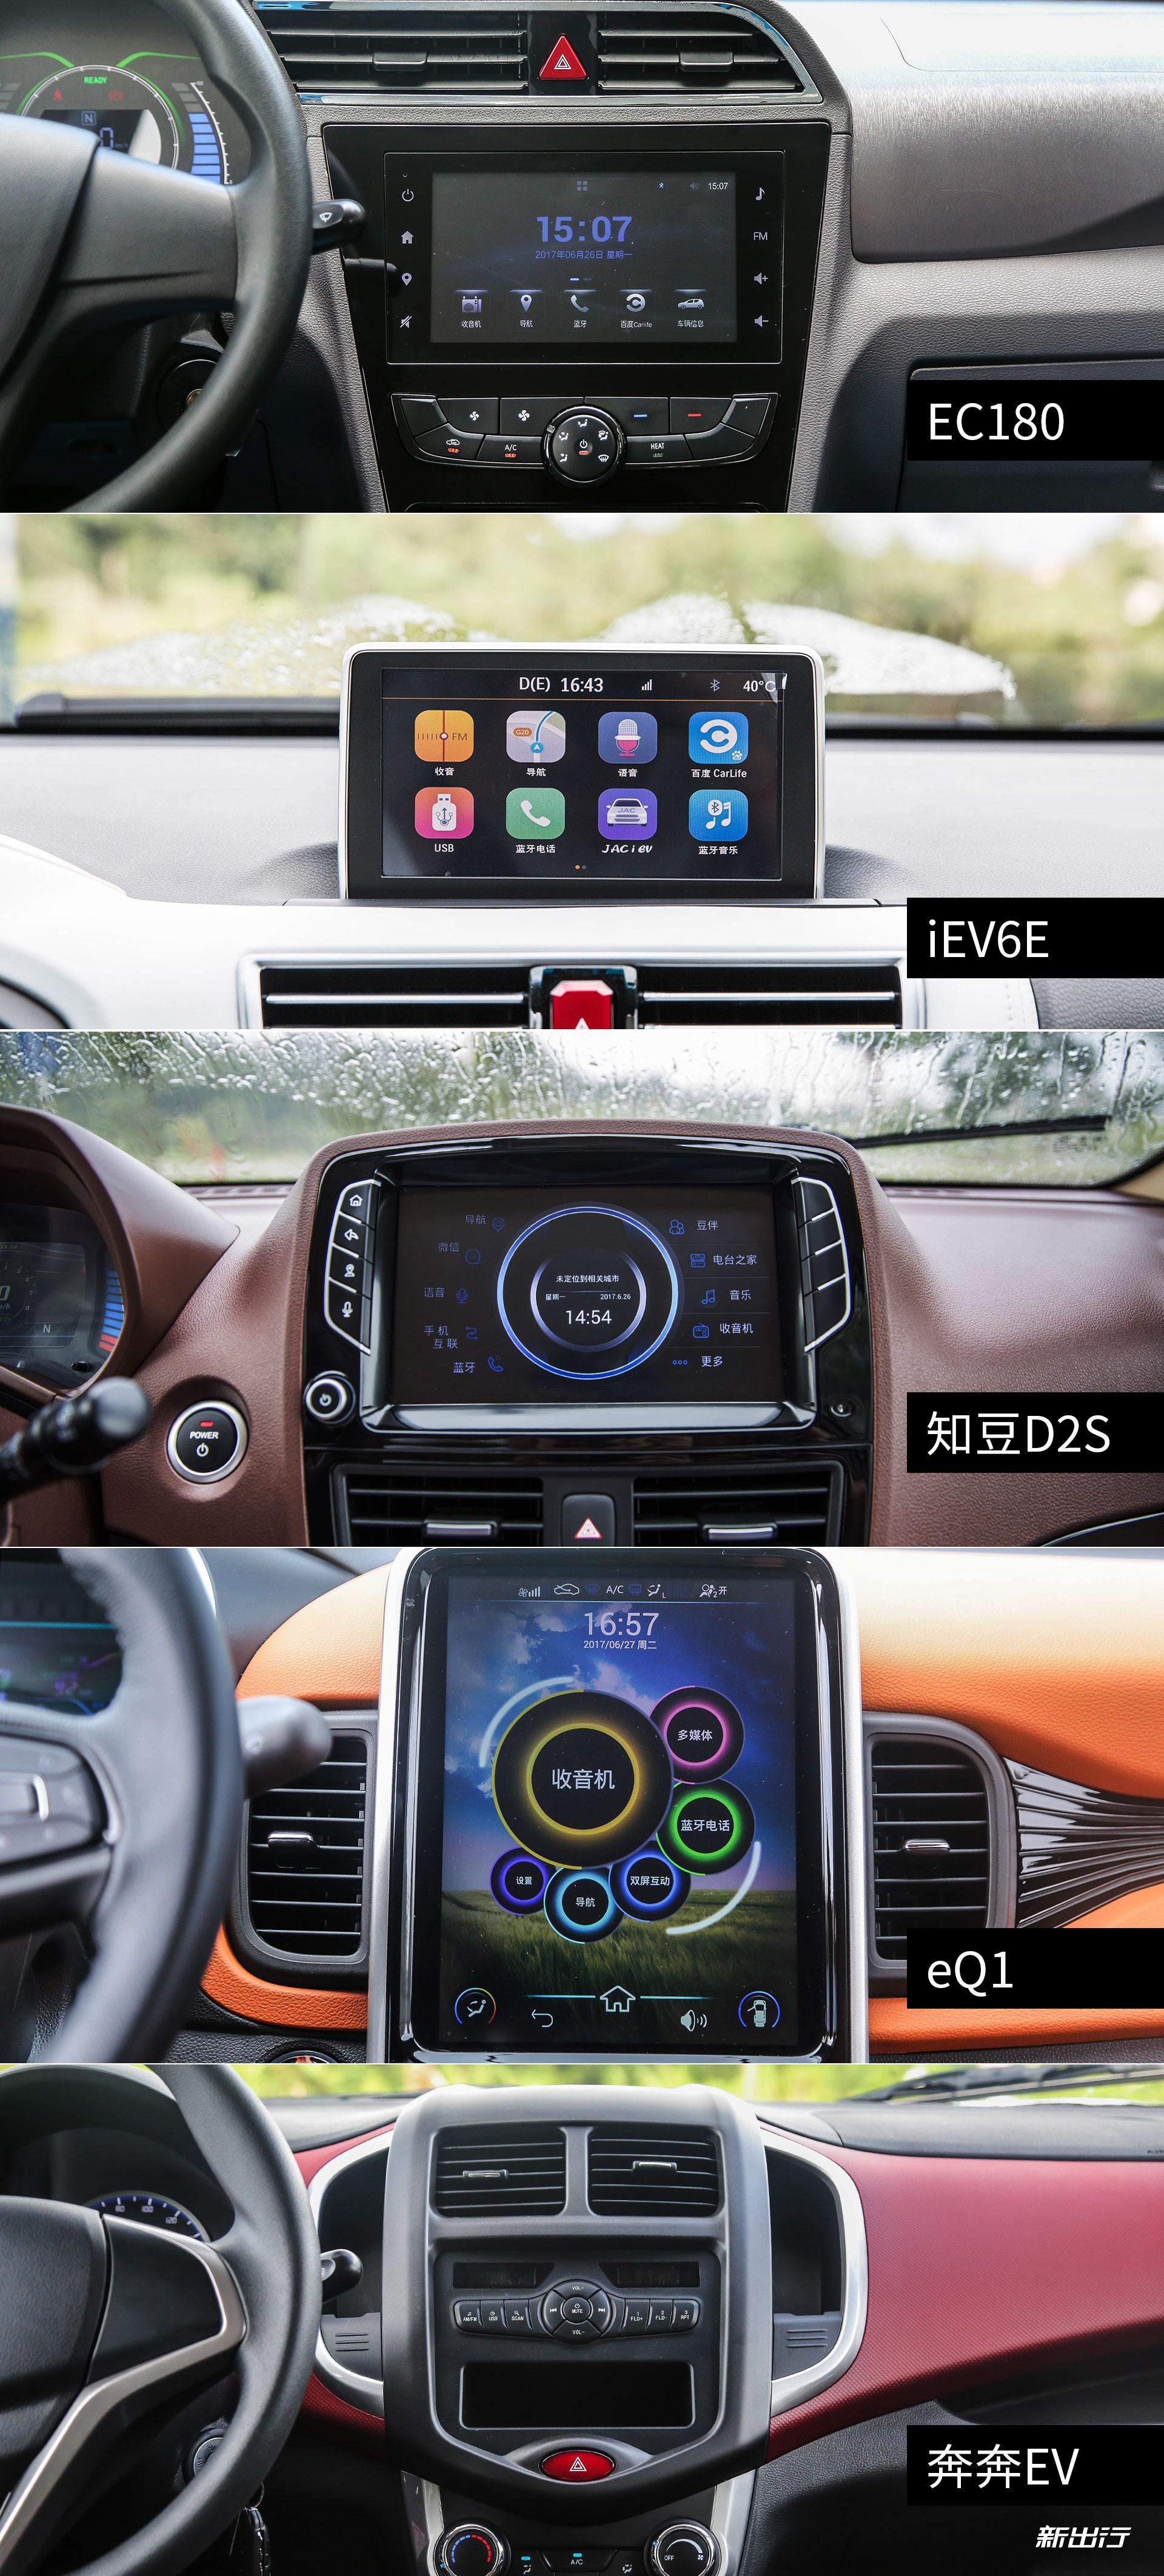 五车对比_多媒体系统对比_全局图片.jpg